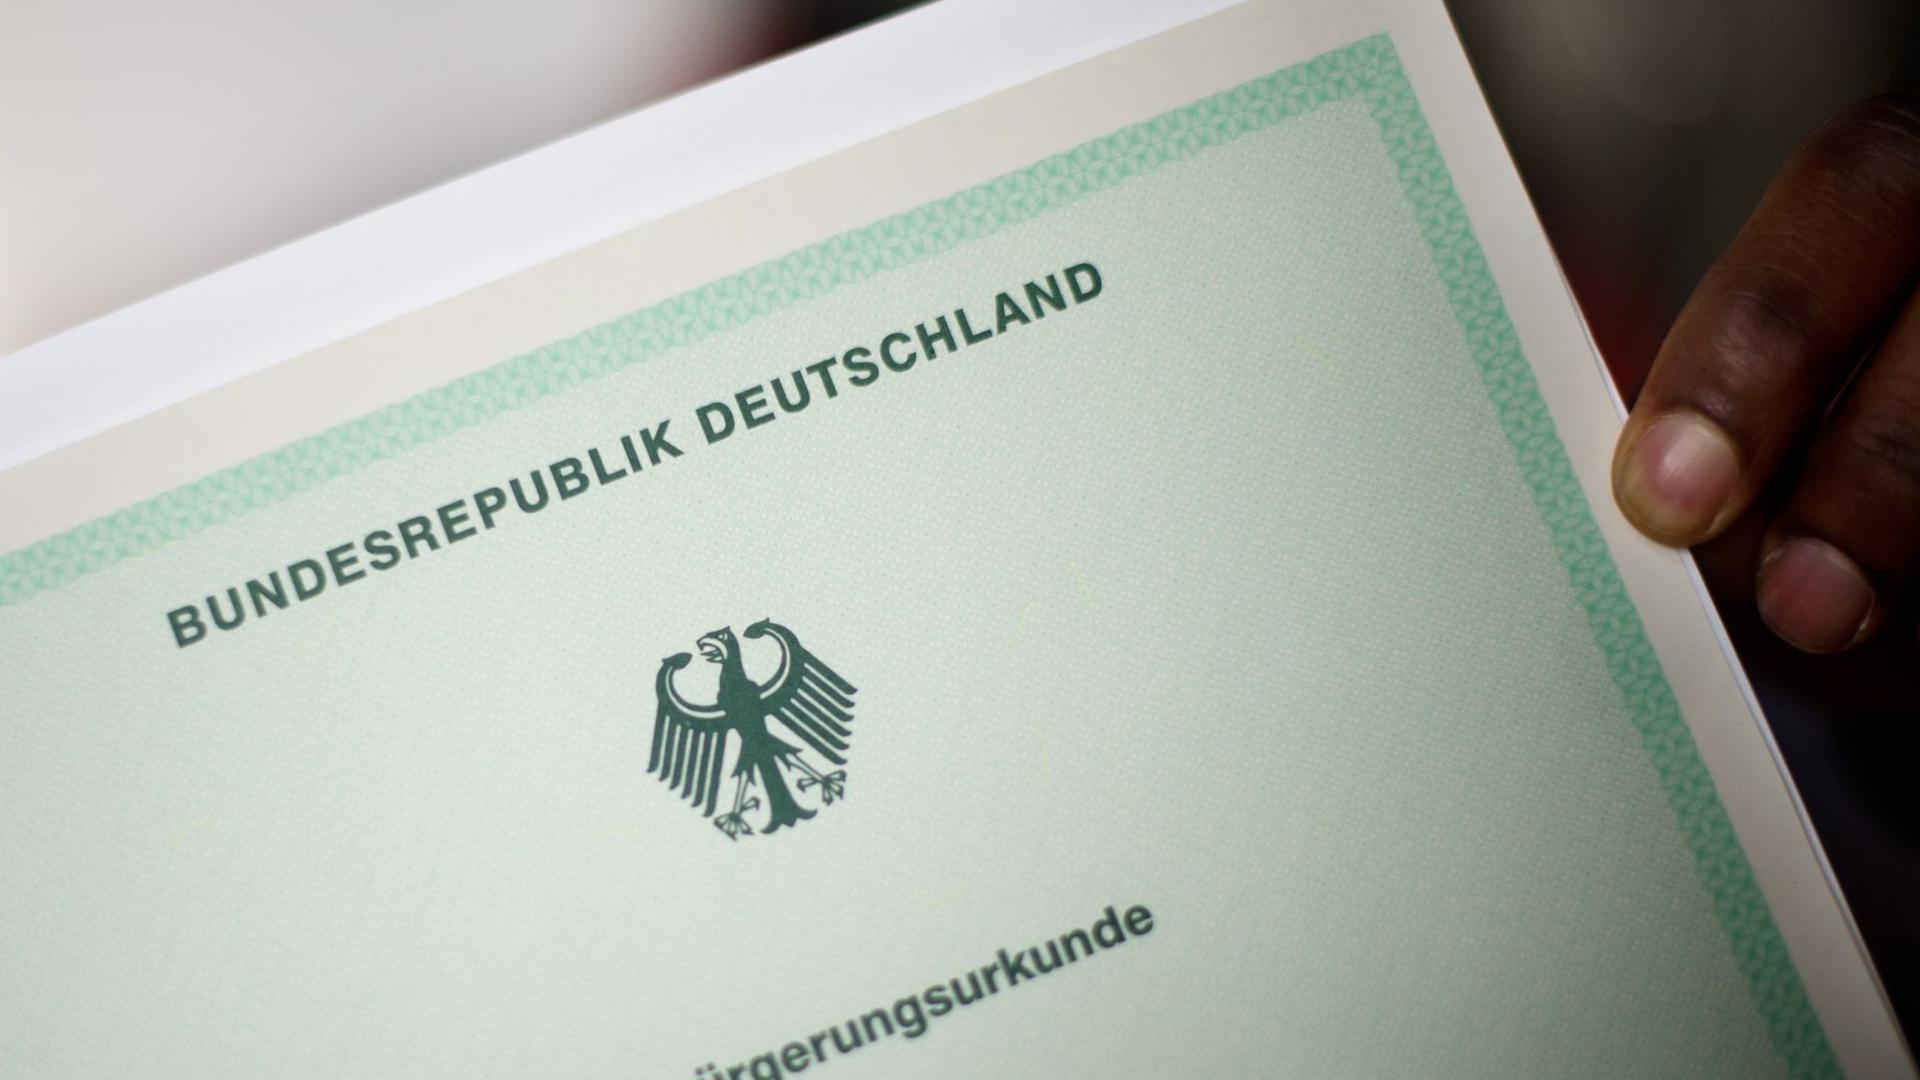 Der Sachverständigenrat für Integration und Migration (SVR) hat Bund und Ländern empfohlen, die praktischen Hürden für die Einbürgerung zu senken.